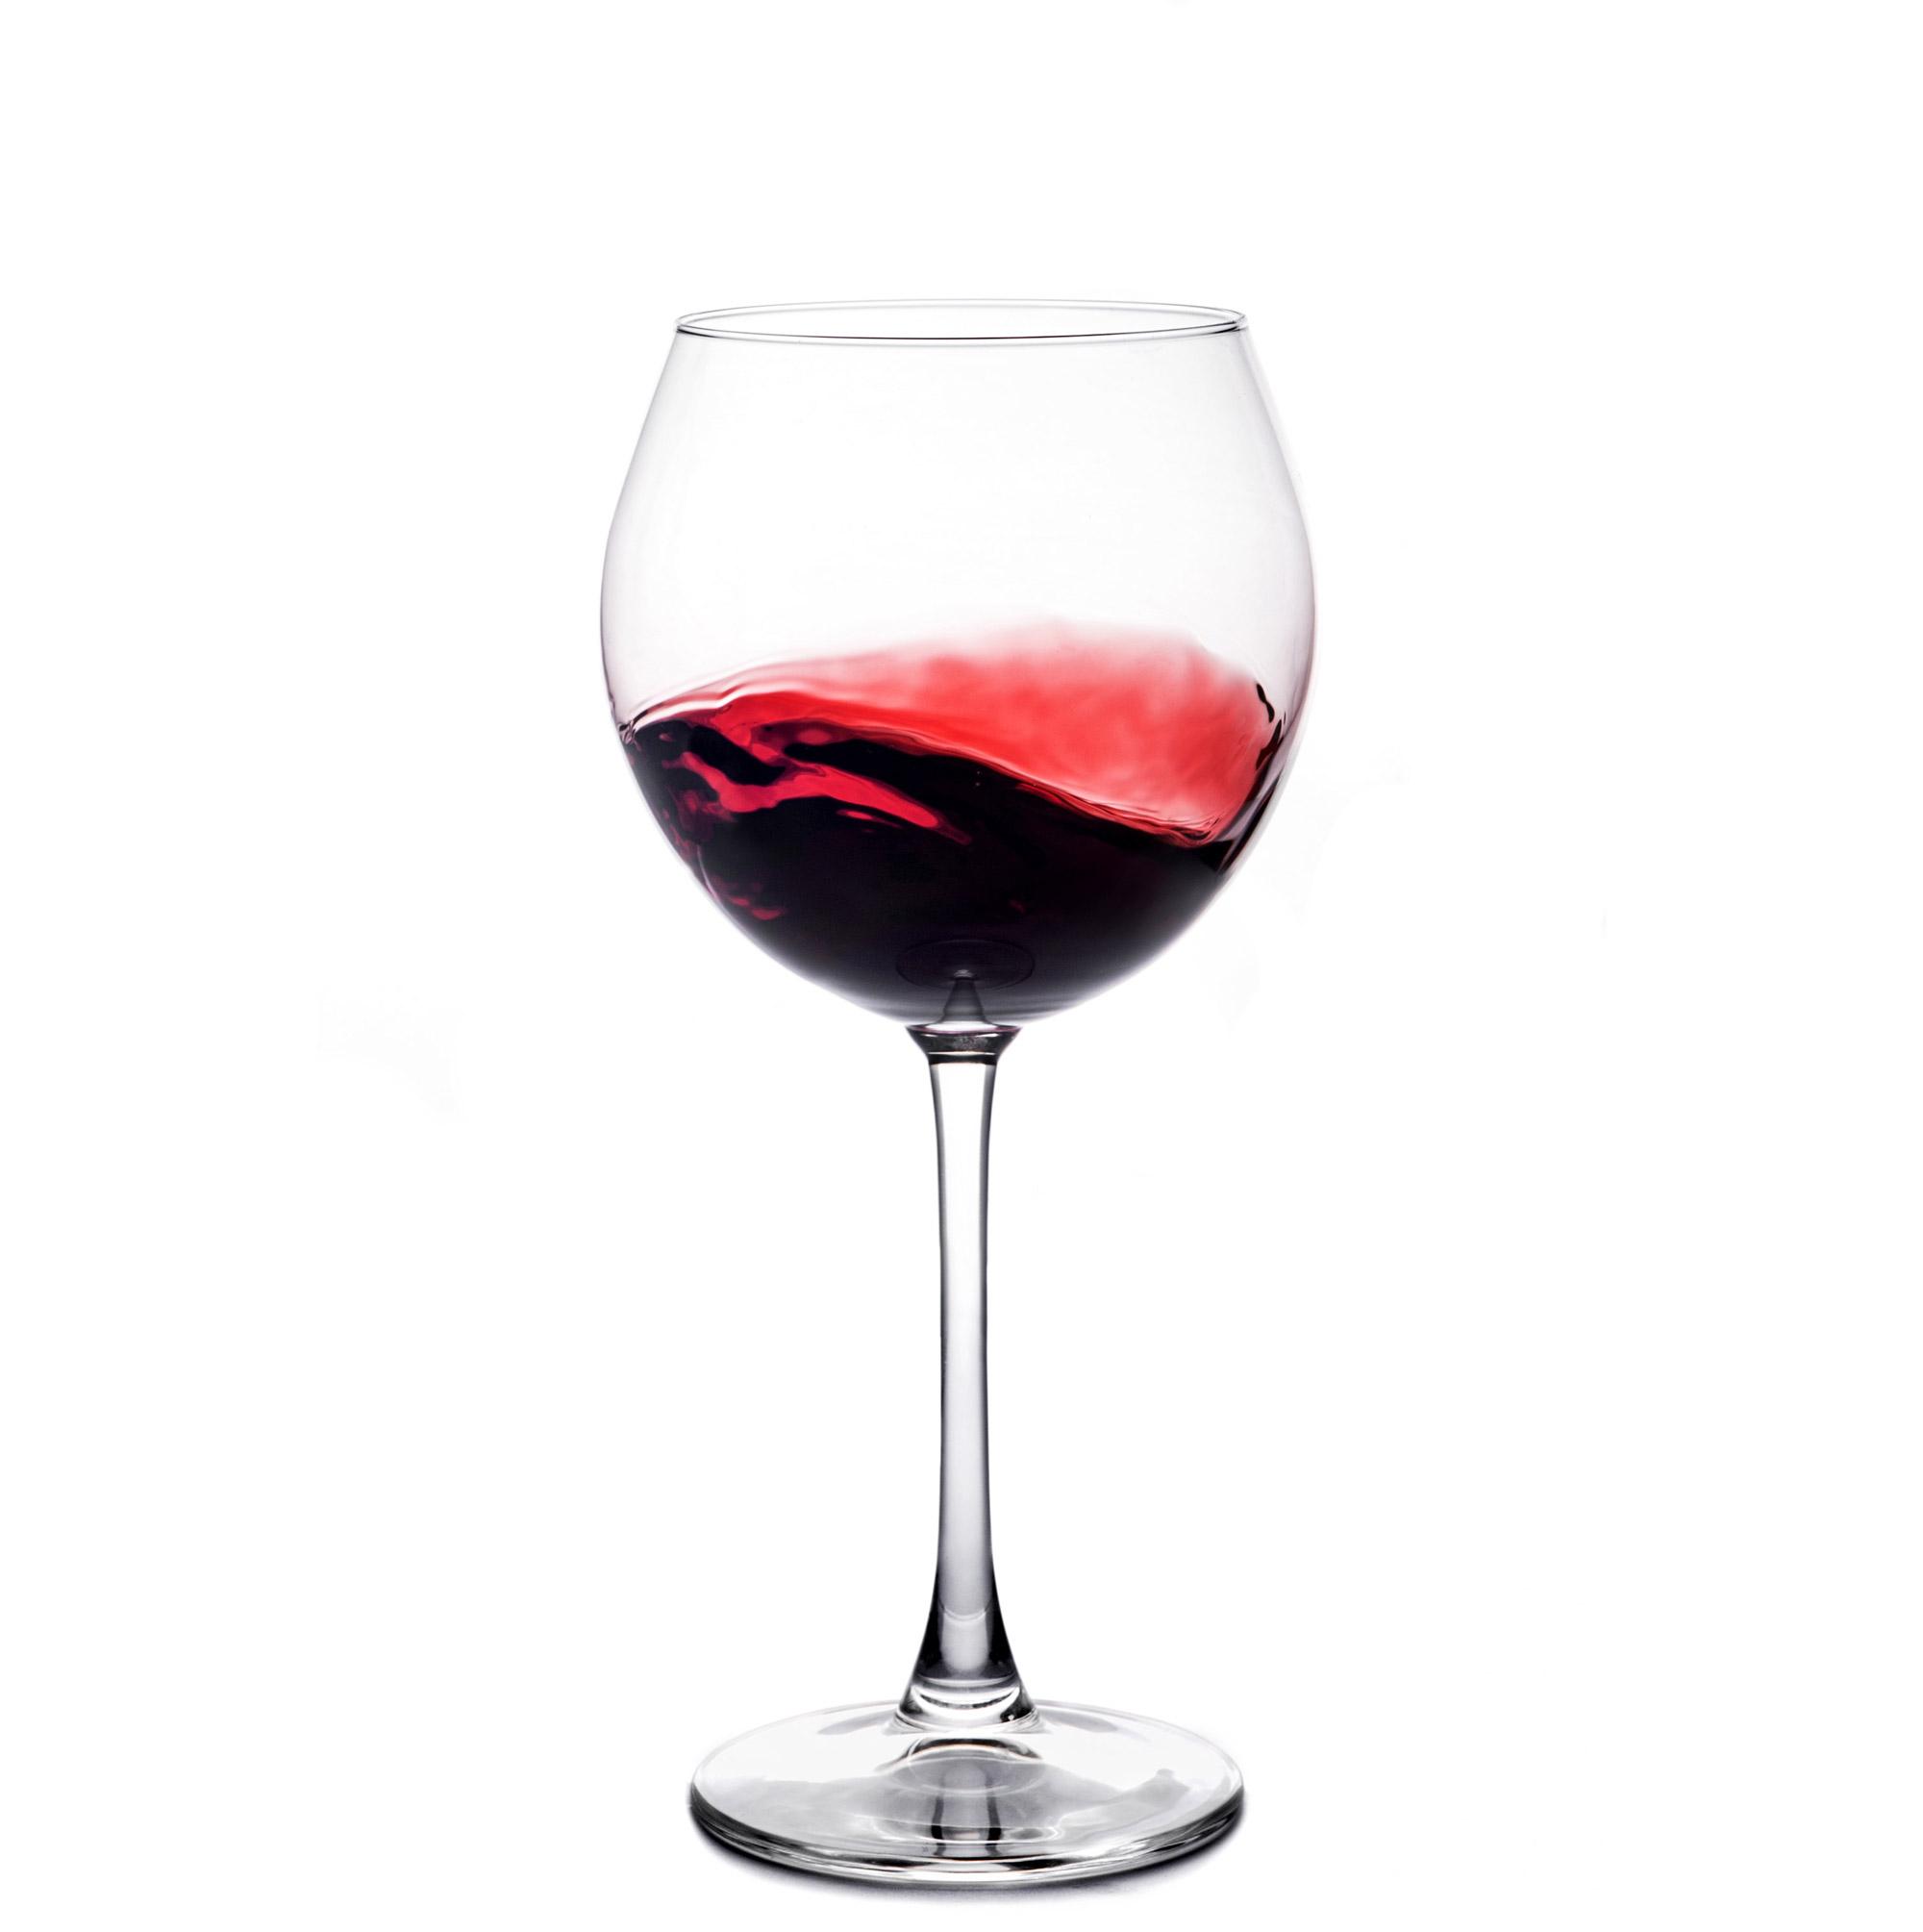 Still life - bicchiere 1 - bicchiere_1 -